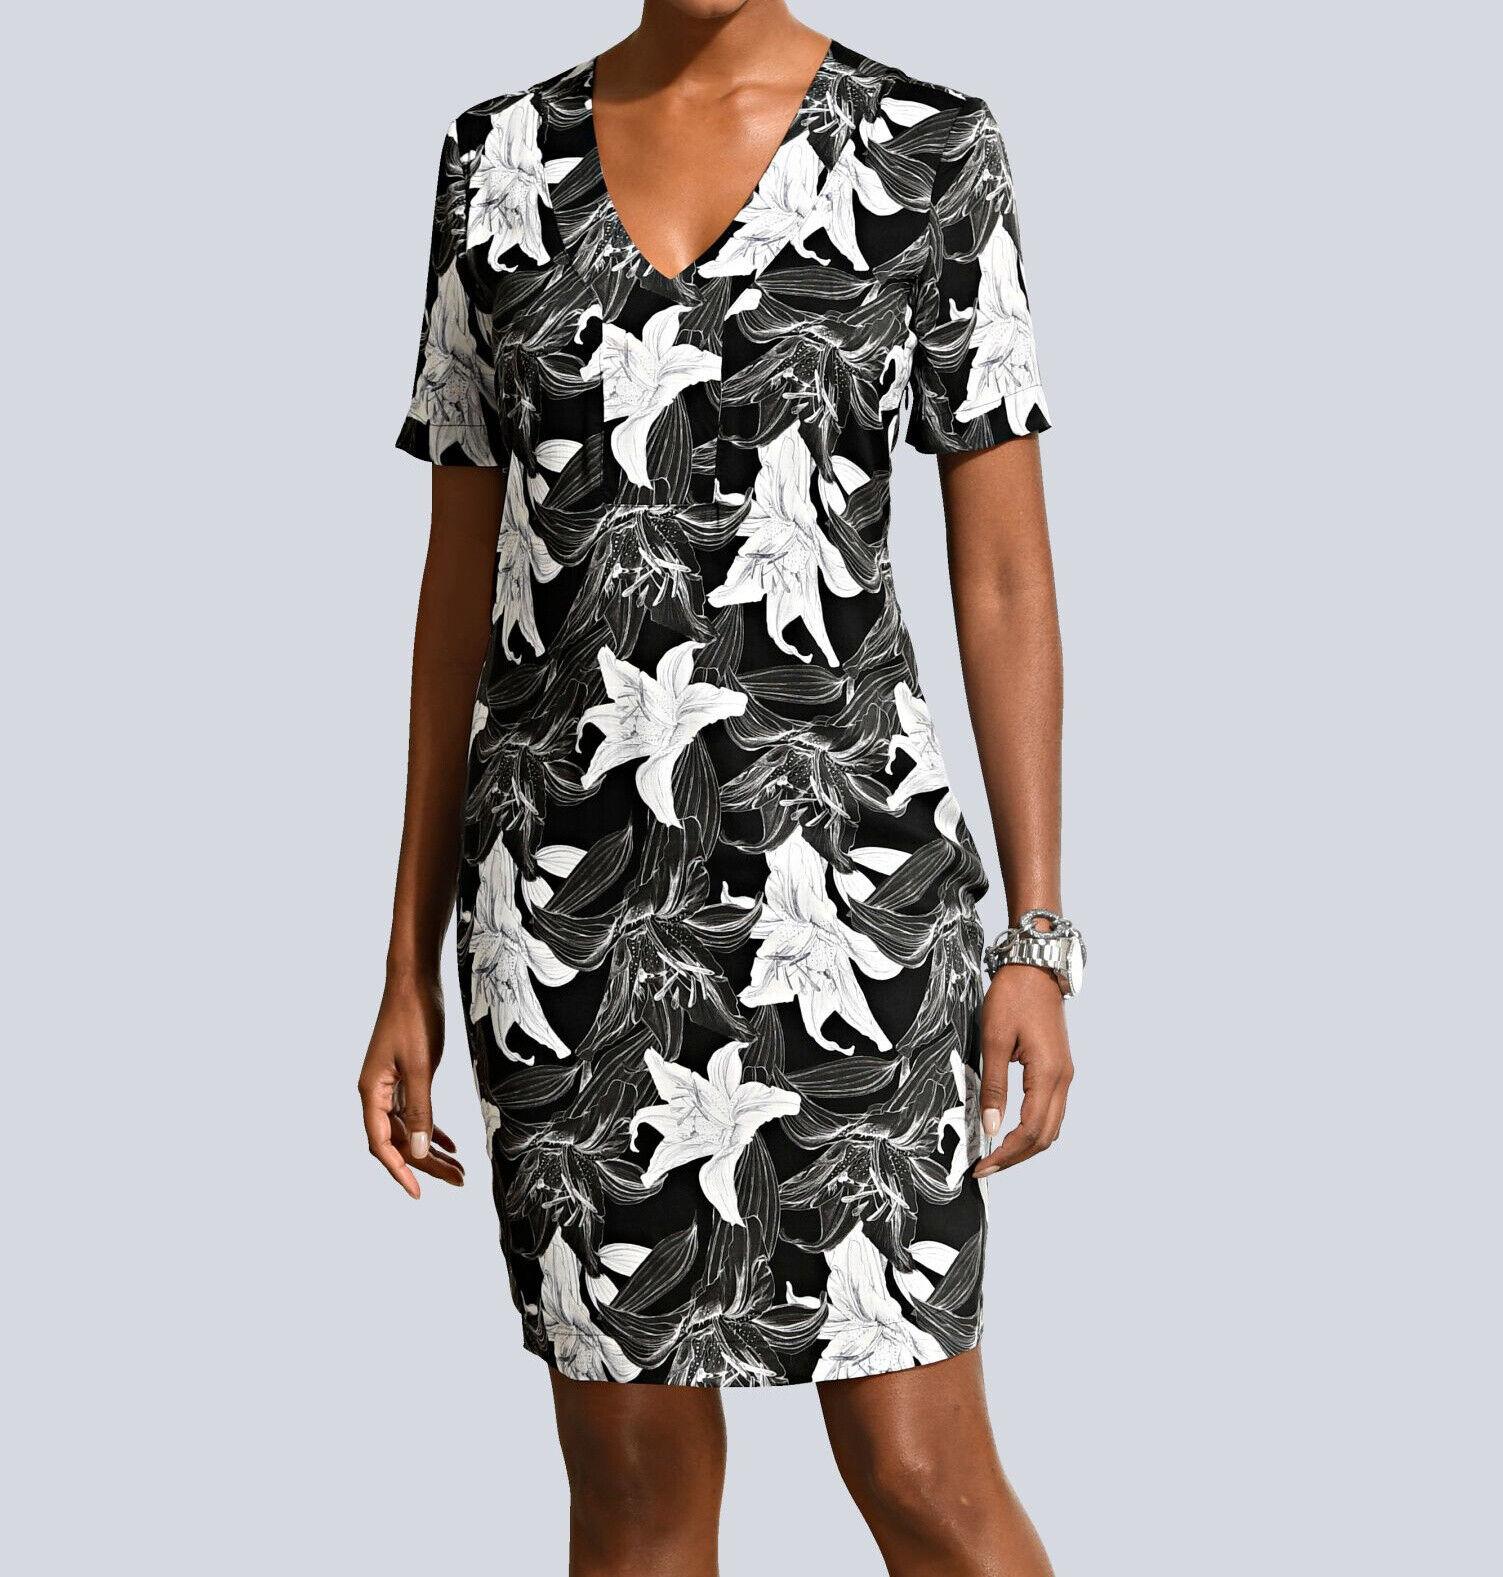 details zu alba moda druck-tunikakleid, schwarz. neu!!! kp 89,95 € sale%%%